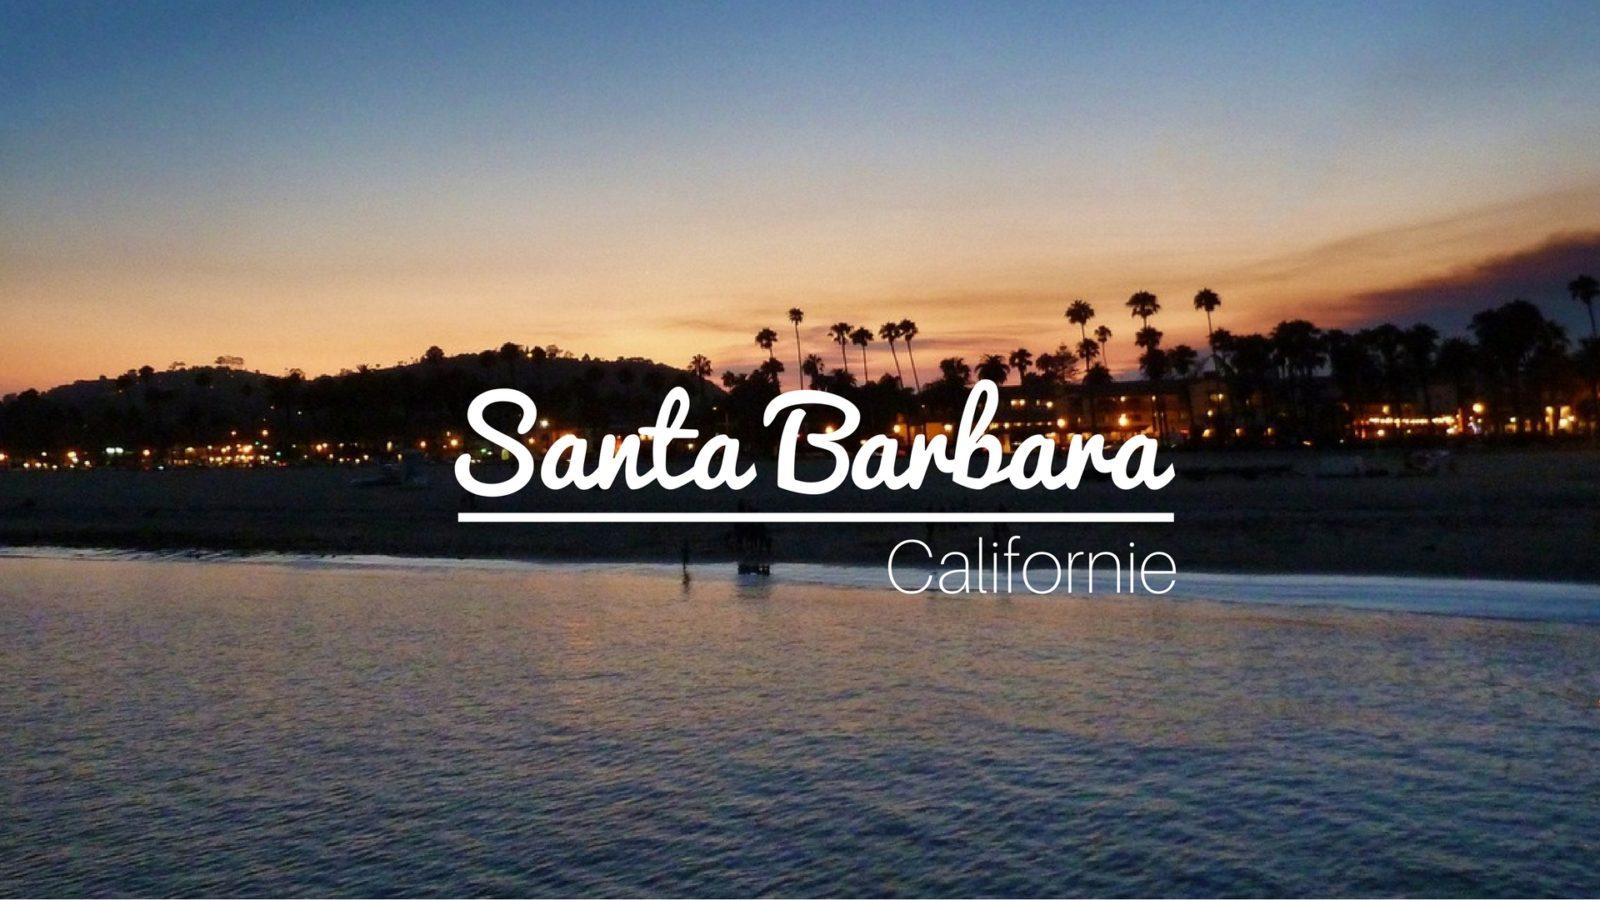 Une journée en Californie à Santa Barbara, sur la Riviera américaine